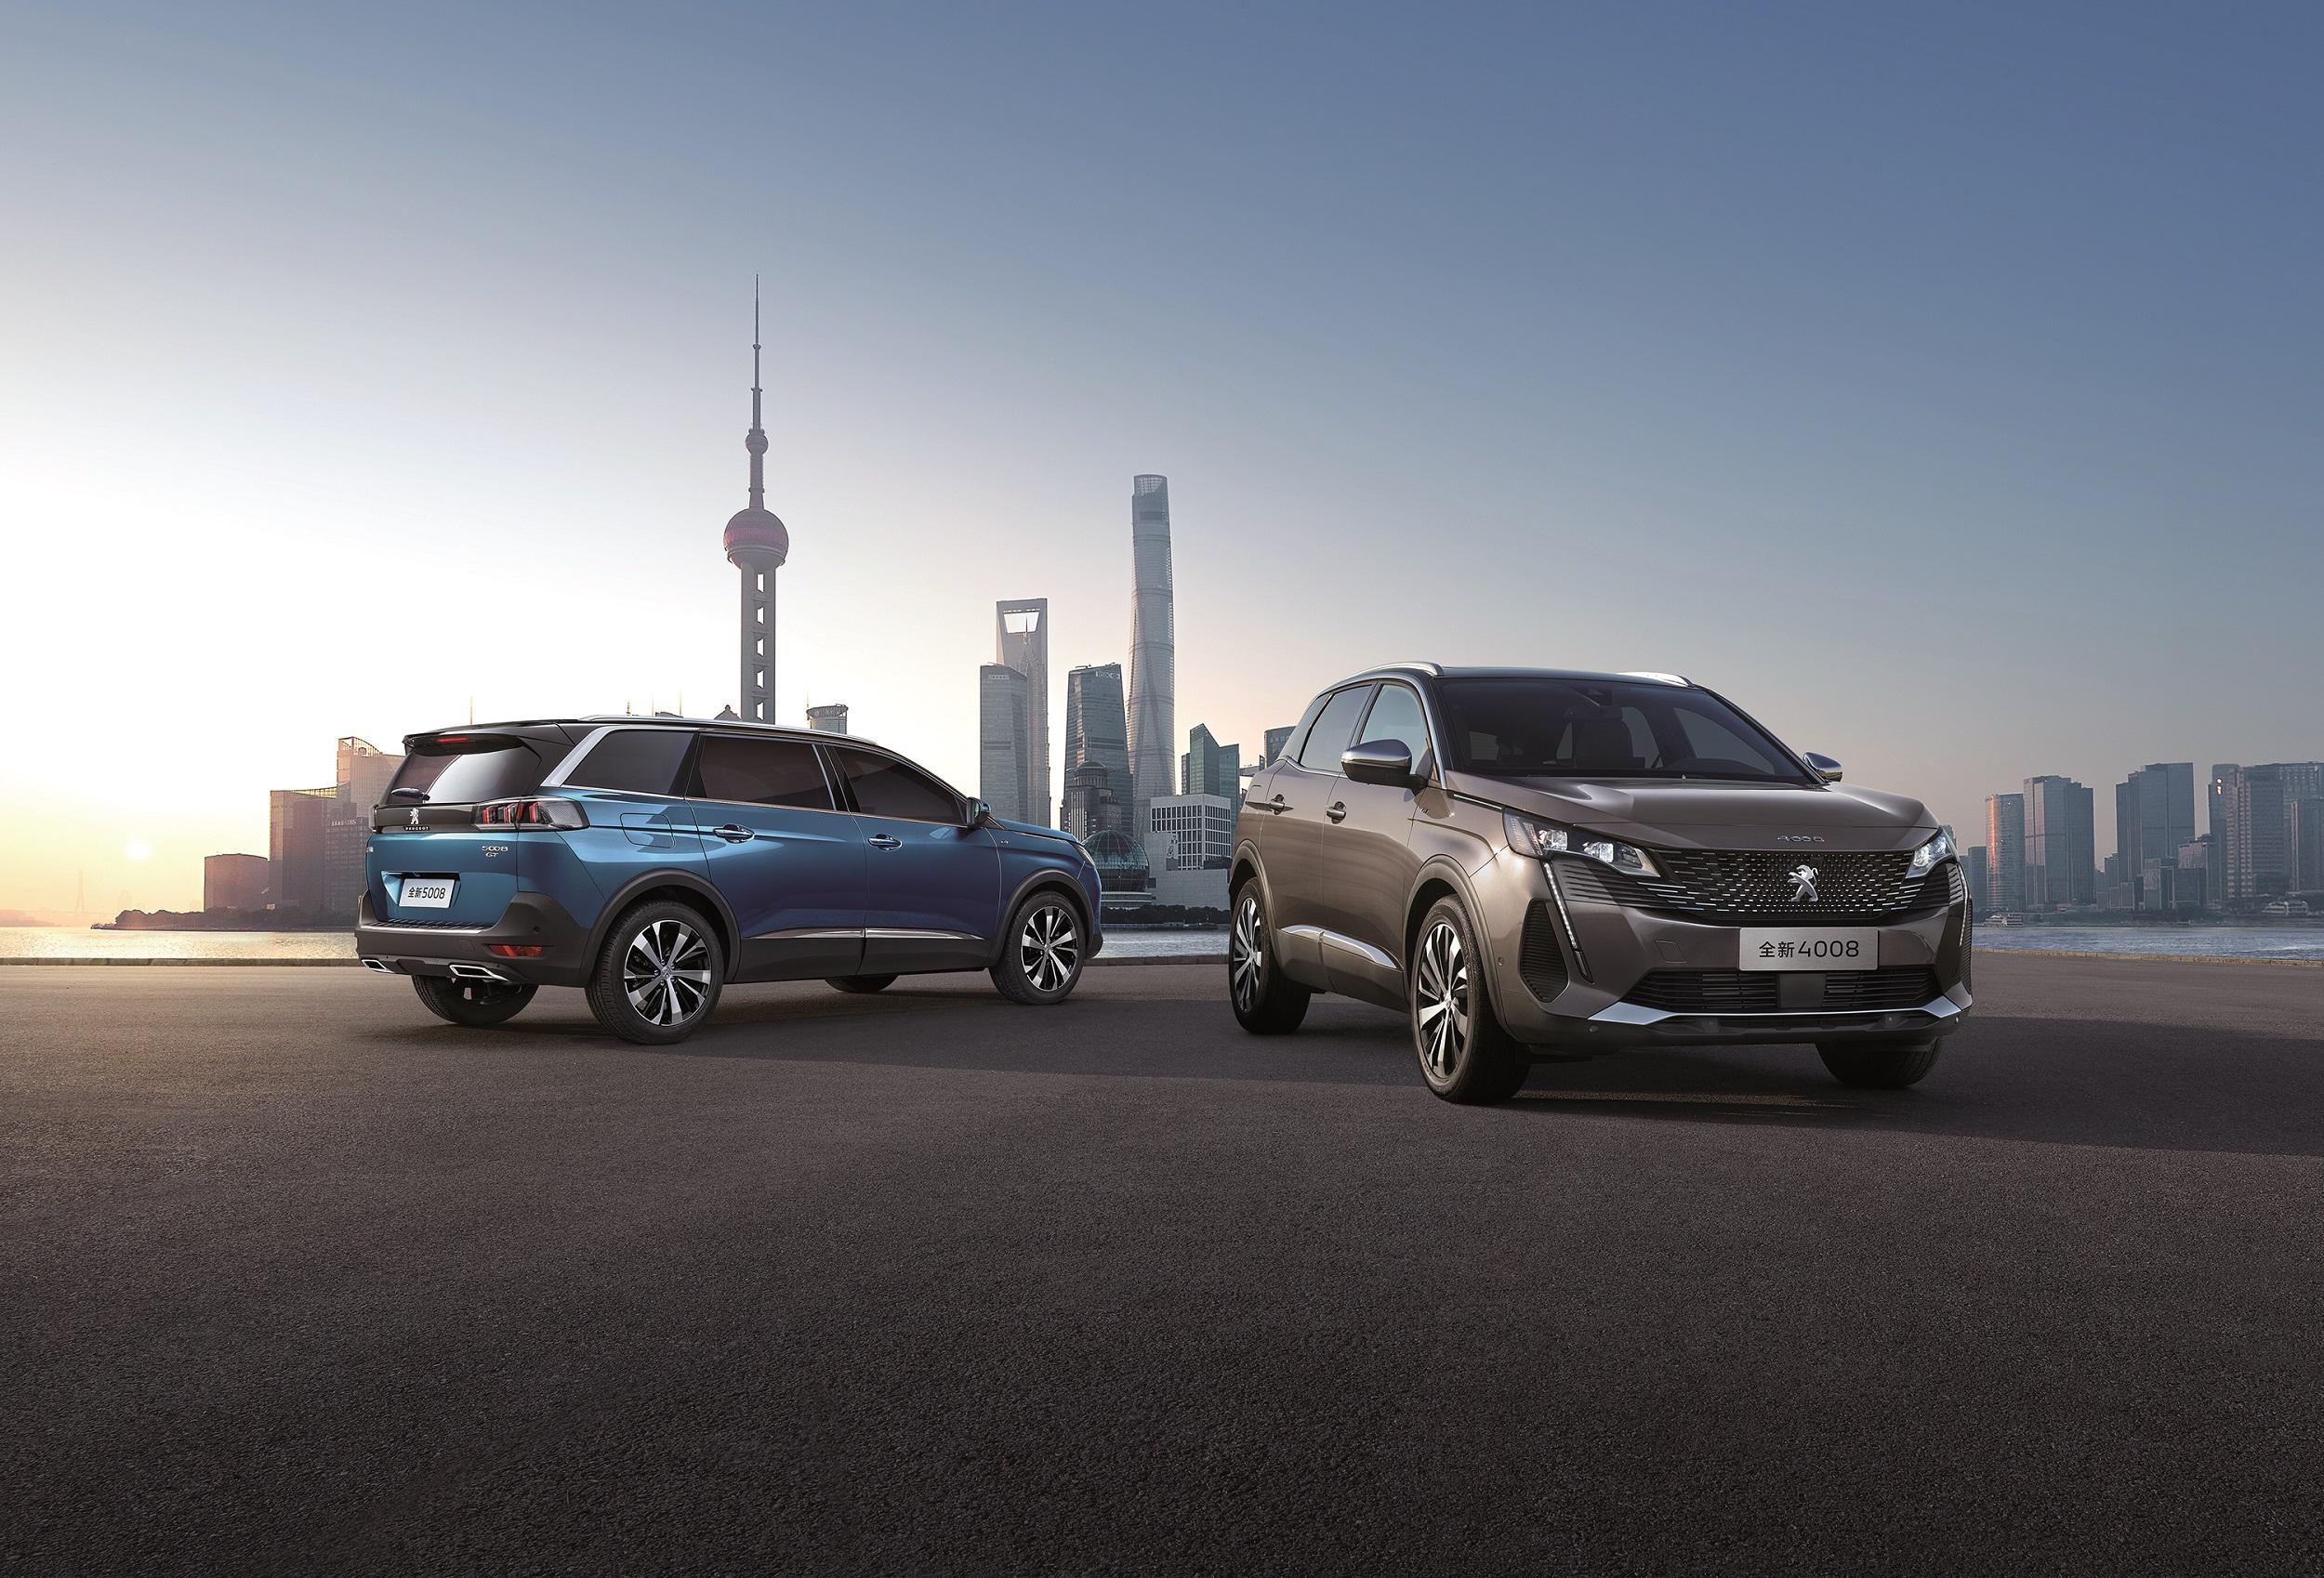 Presentato nuovi SUV Peugeot: tutte le informazioni.